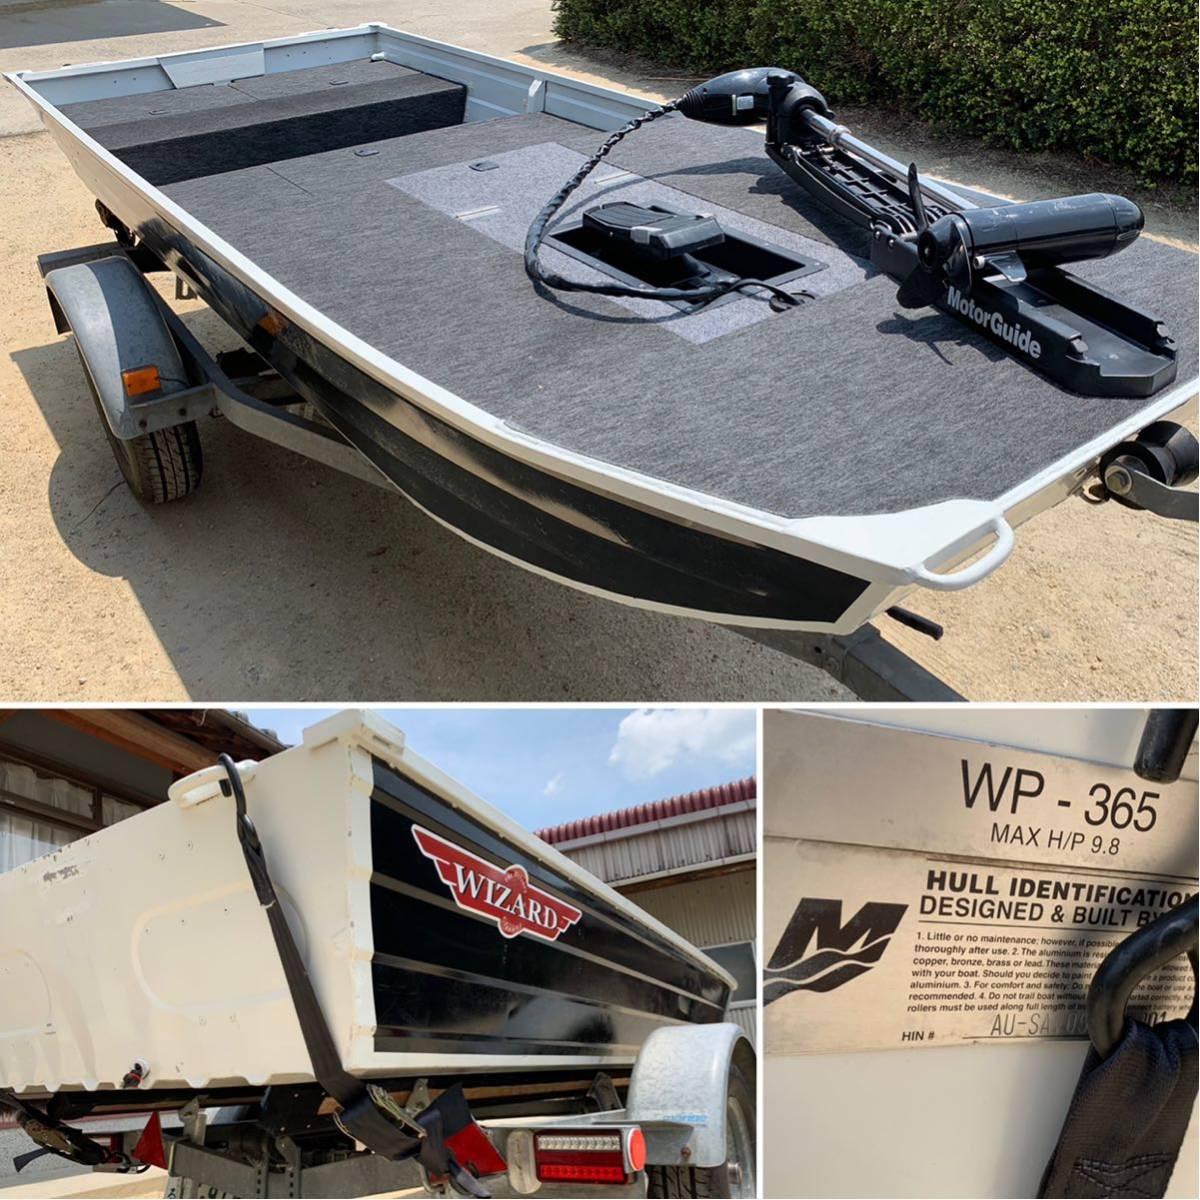 検査済み ウィザードWP365 クラス最大9.8馬力搭載可能、加工多数(フルデッキ&ハイデッキ、エレキリセス、開口部、ビルジポンプ)